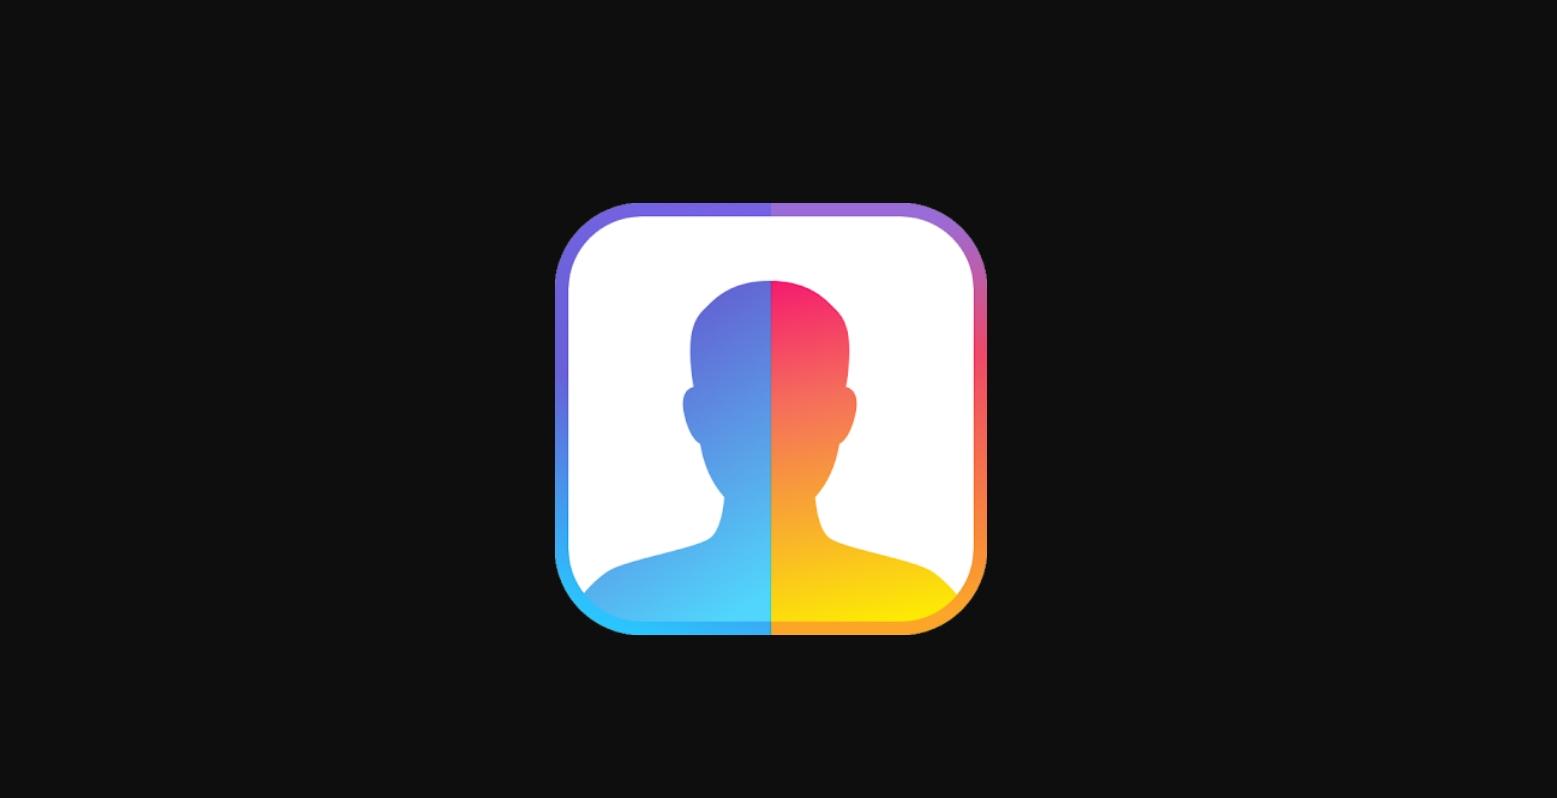 Šíří se podvodná verze aplikace FaceAPP, nakazí mobil